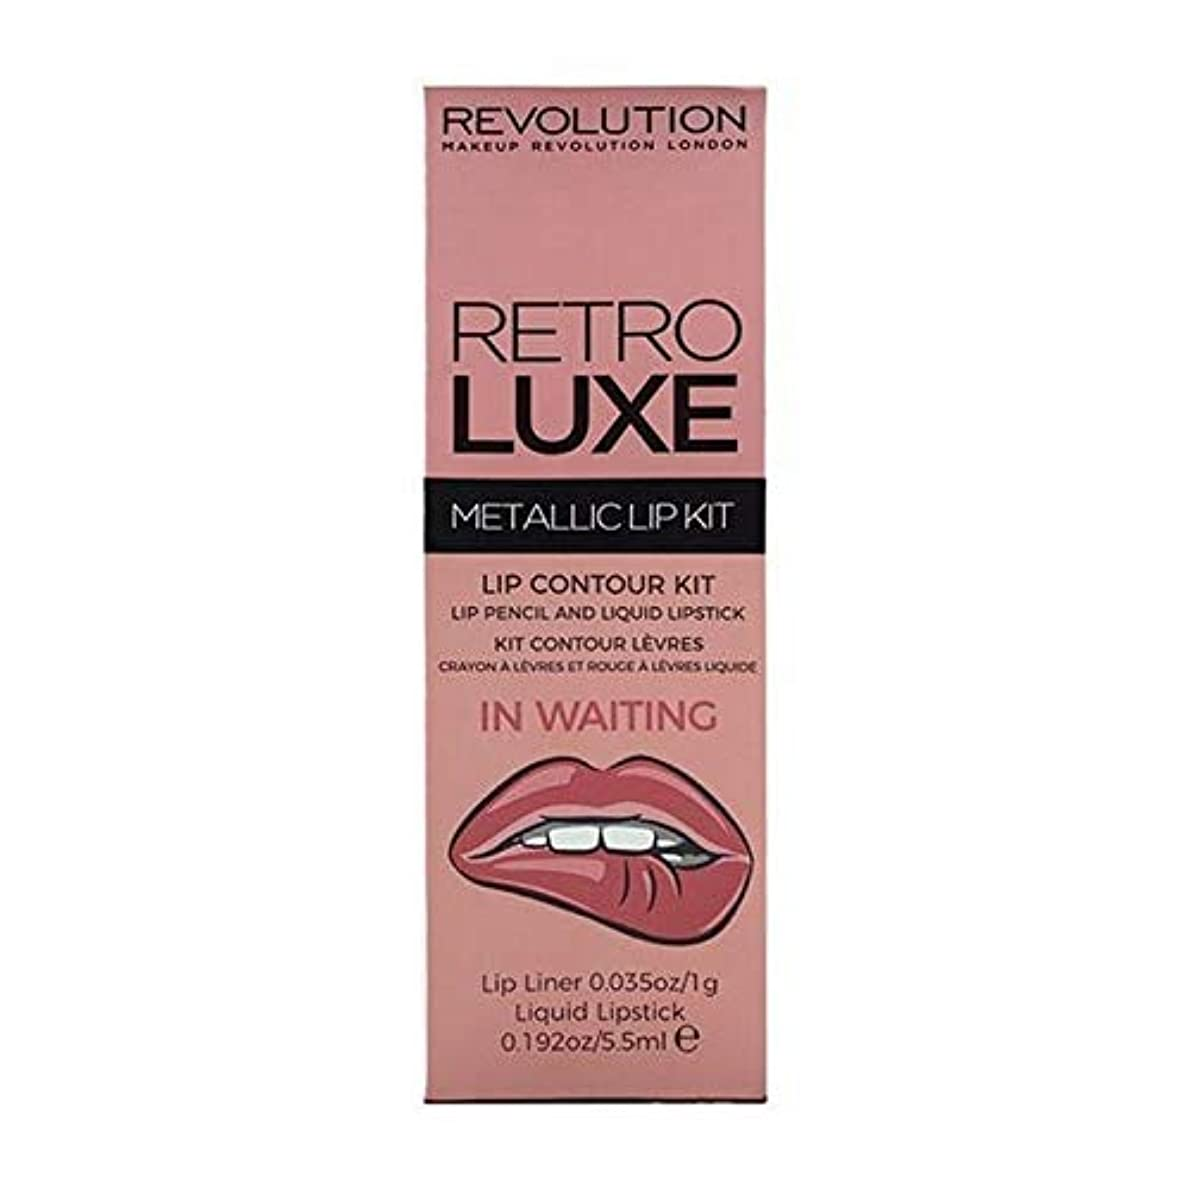 事件、出来事最大化するカウボーイ[Revolution ] 待っているの革命レトロデラックスキットメタリック - Revolution Retro Luxe Kits Metallic In Waiting [並行輸入品]